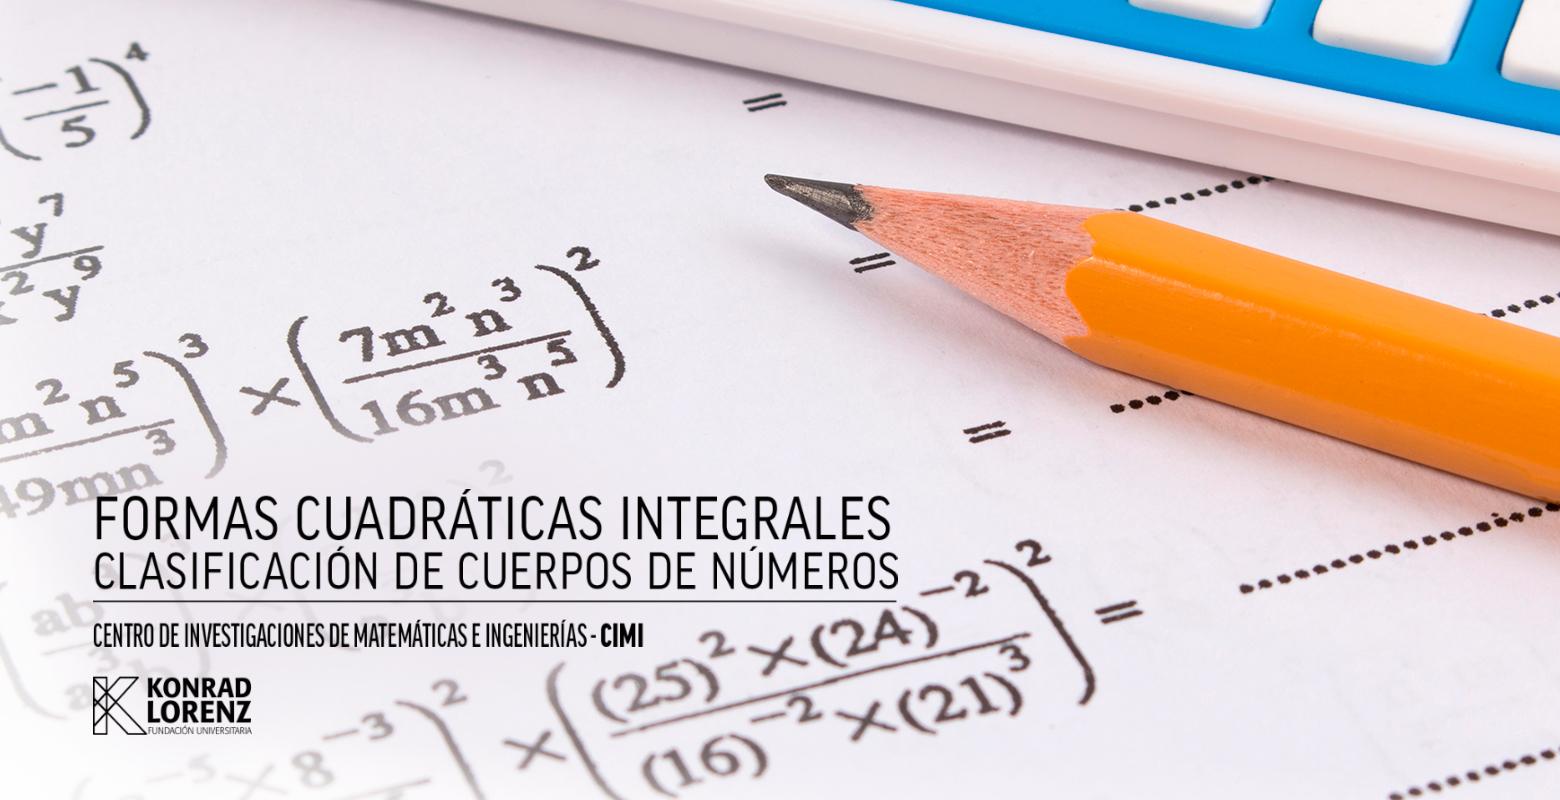 Formas cuadráticas integrales clasificación de cuerpos de números